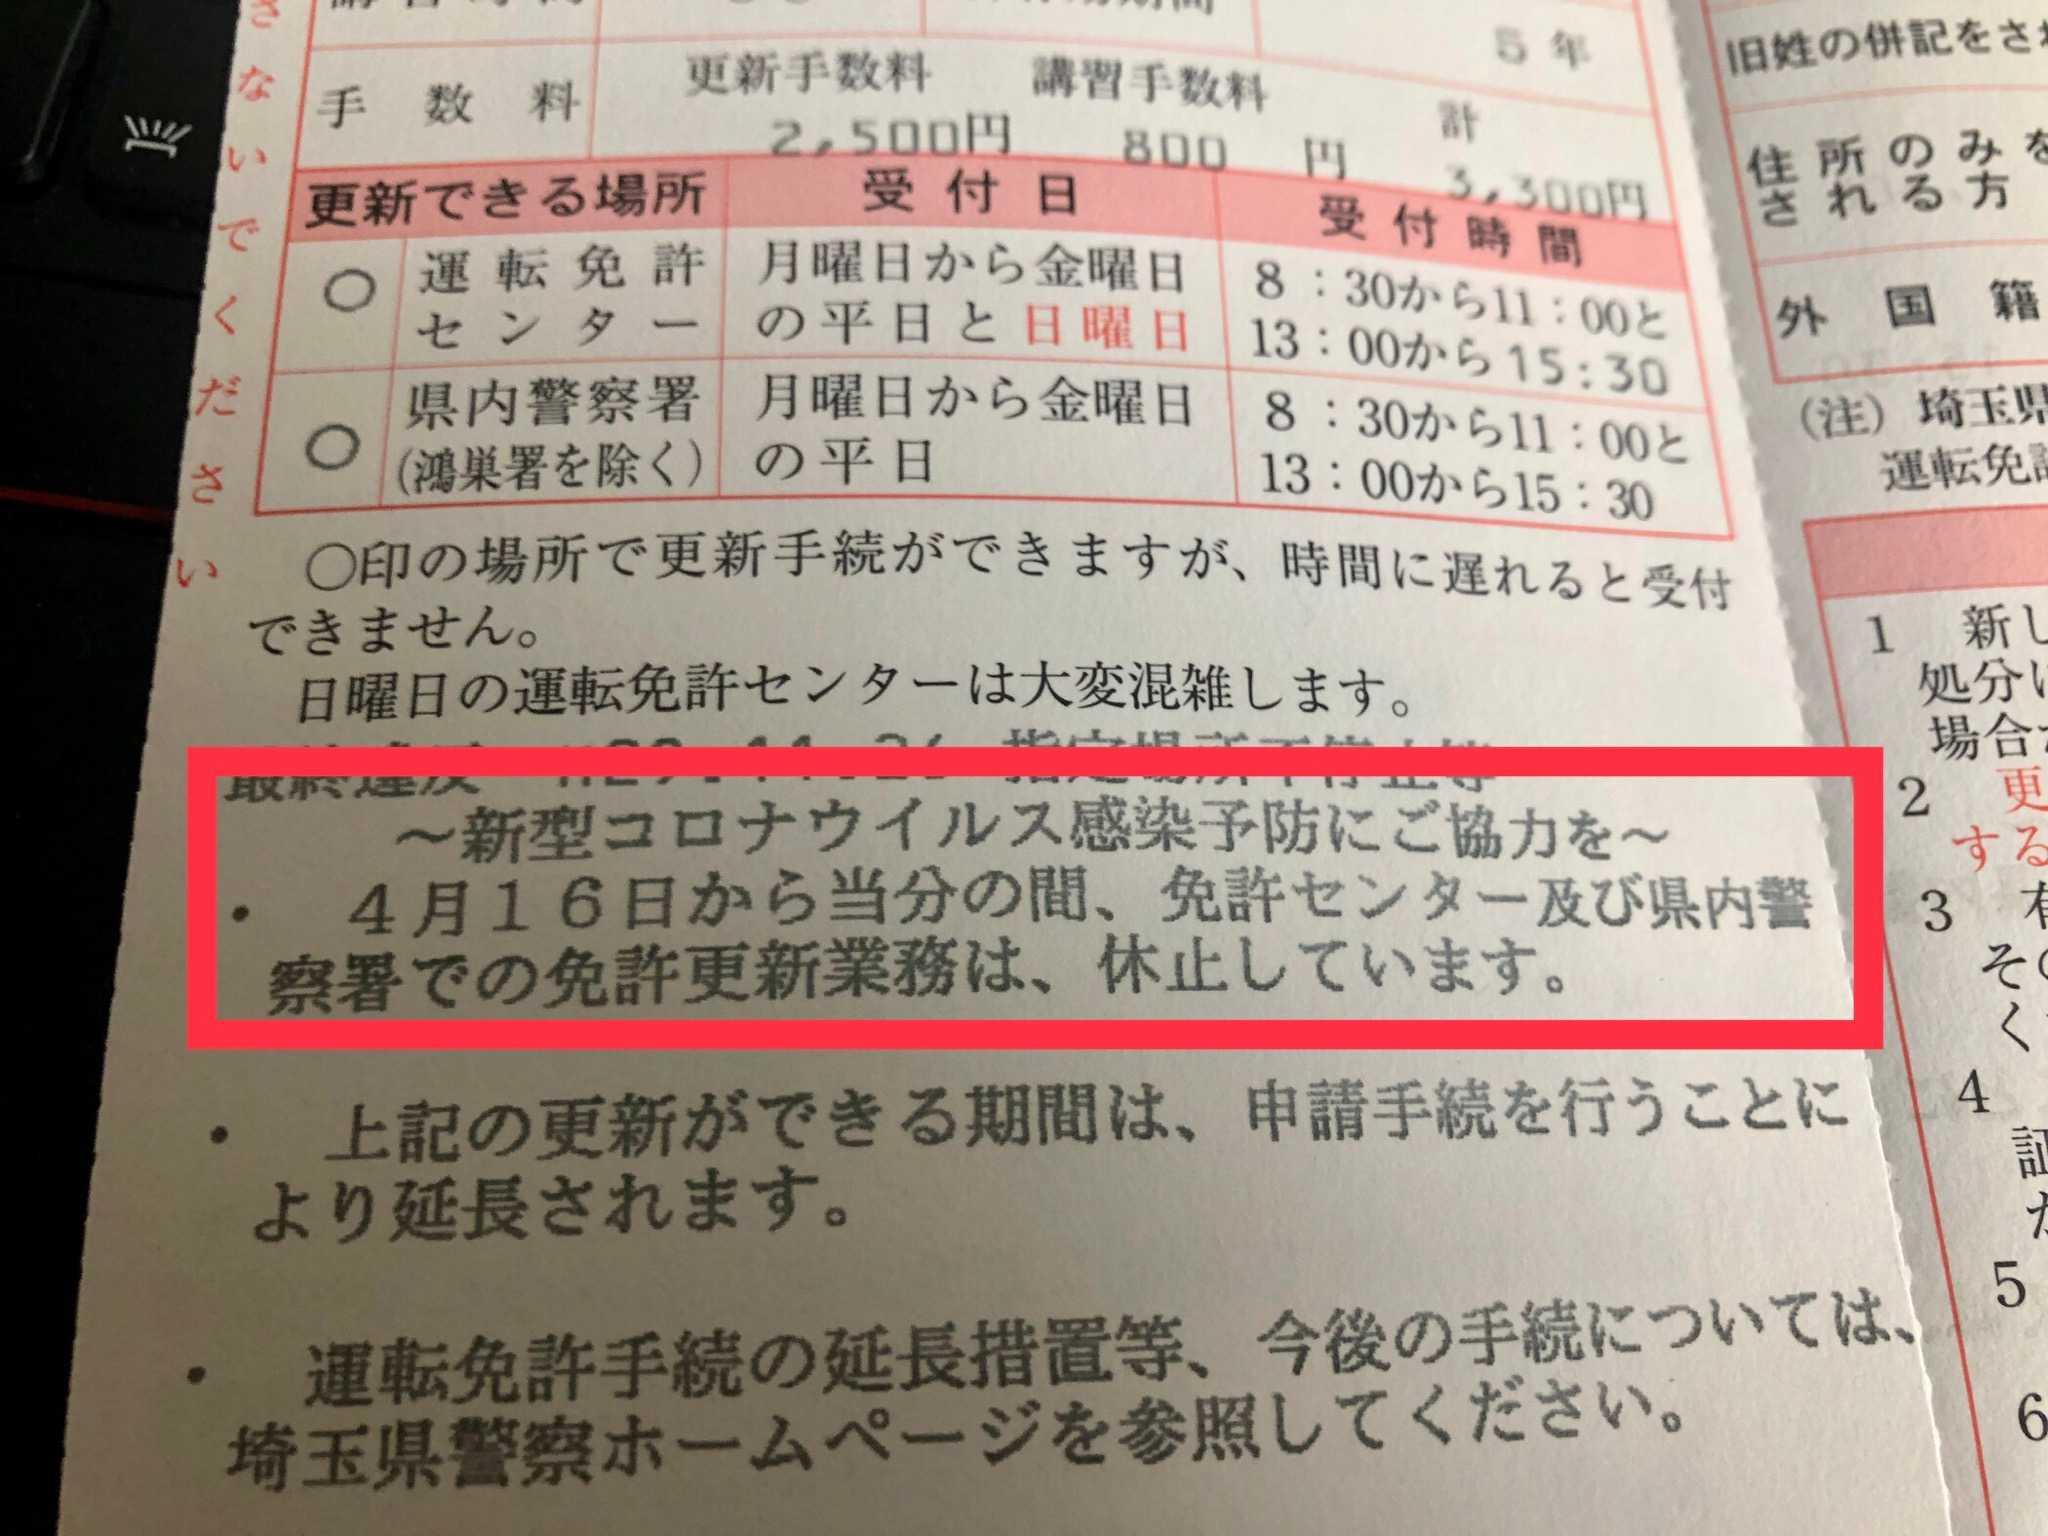 更新 埼玉 免許 延長